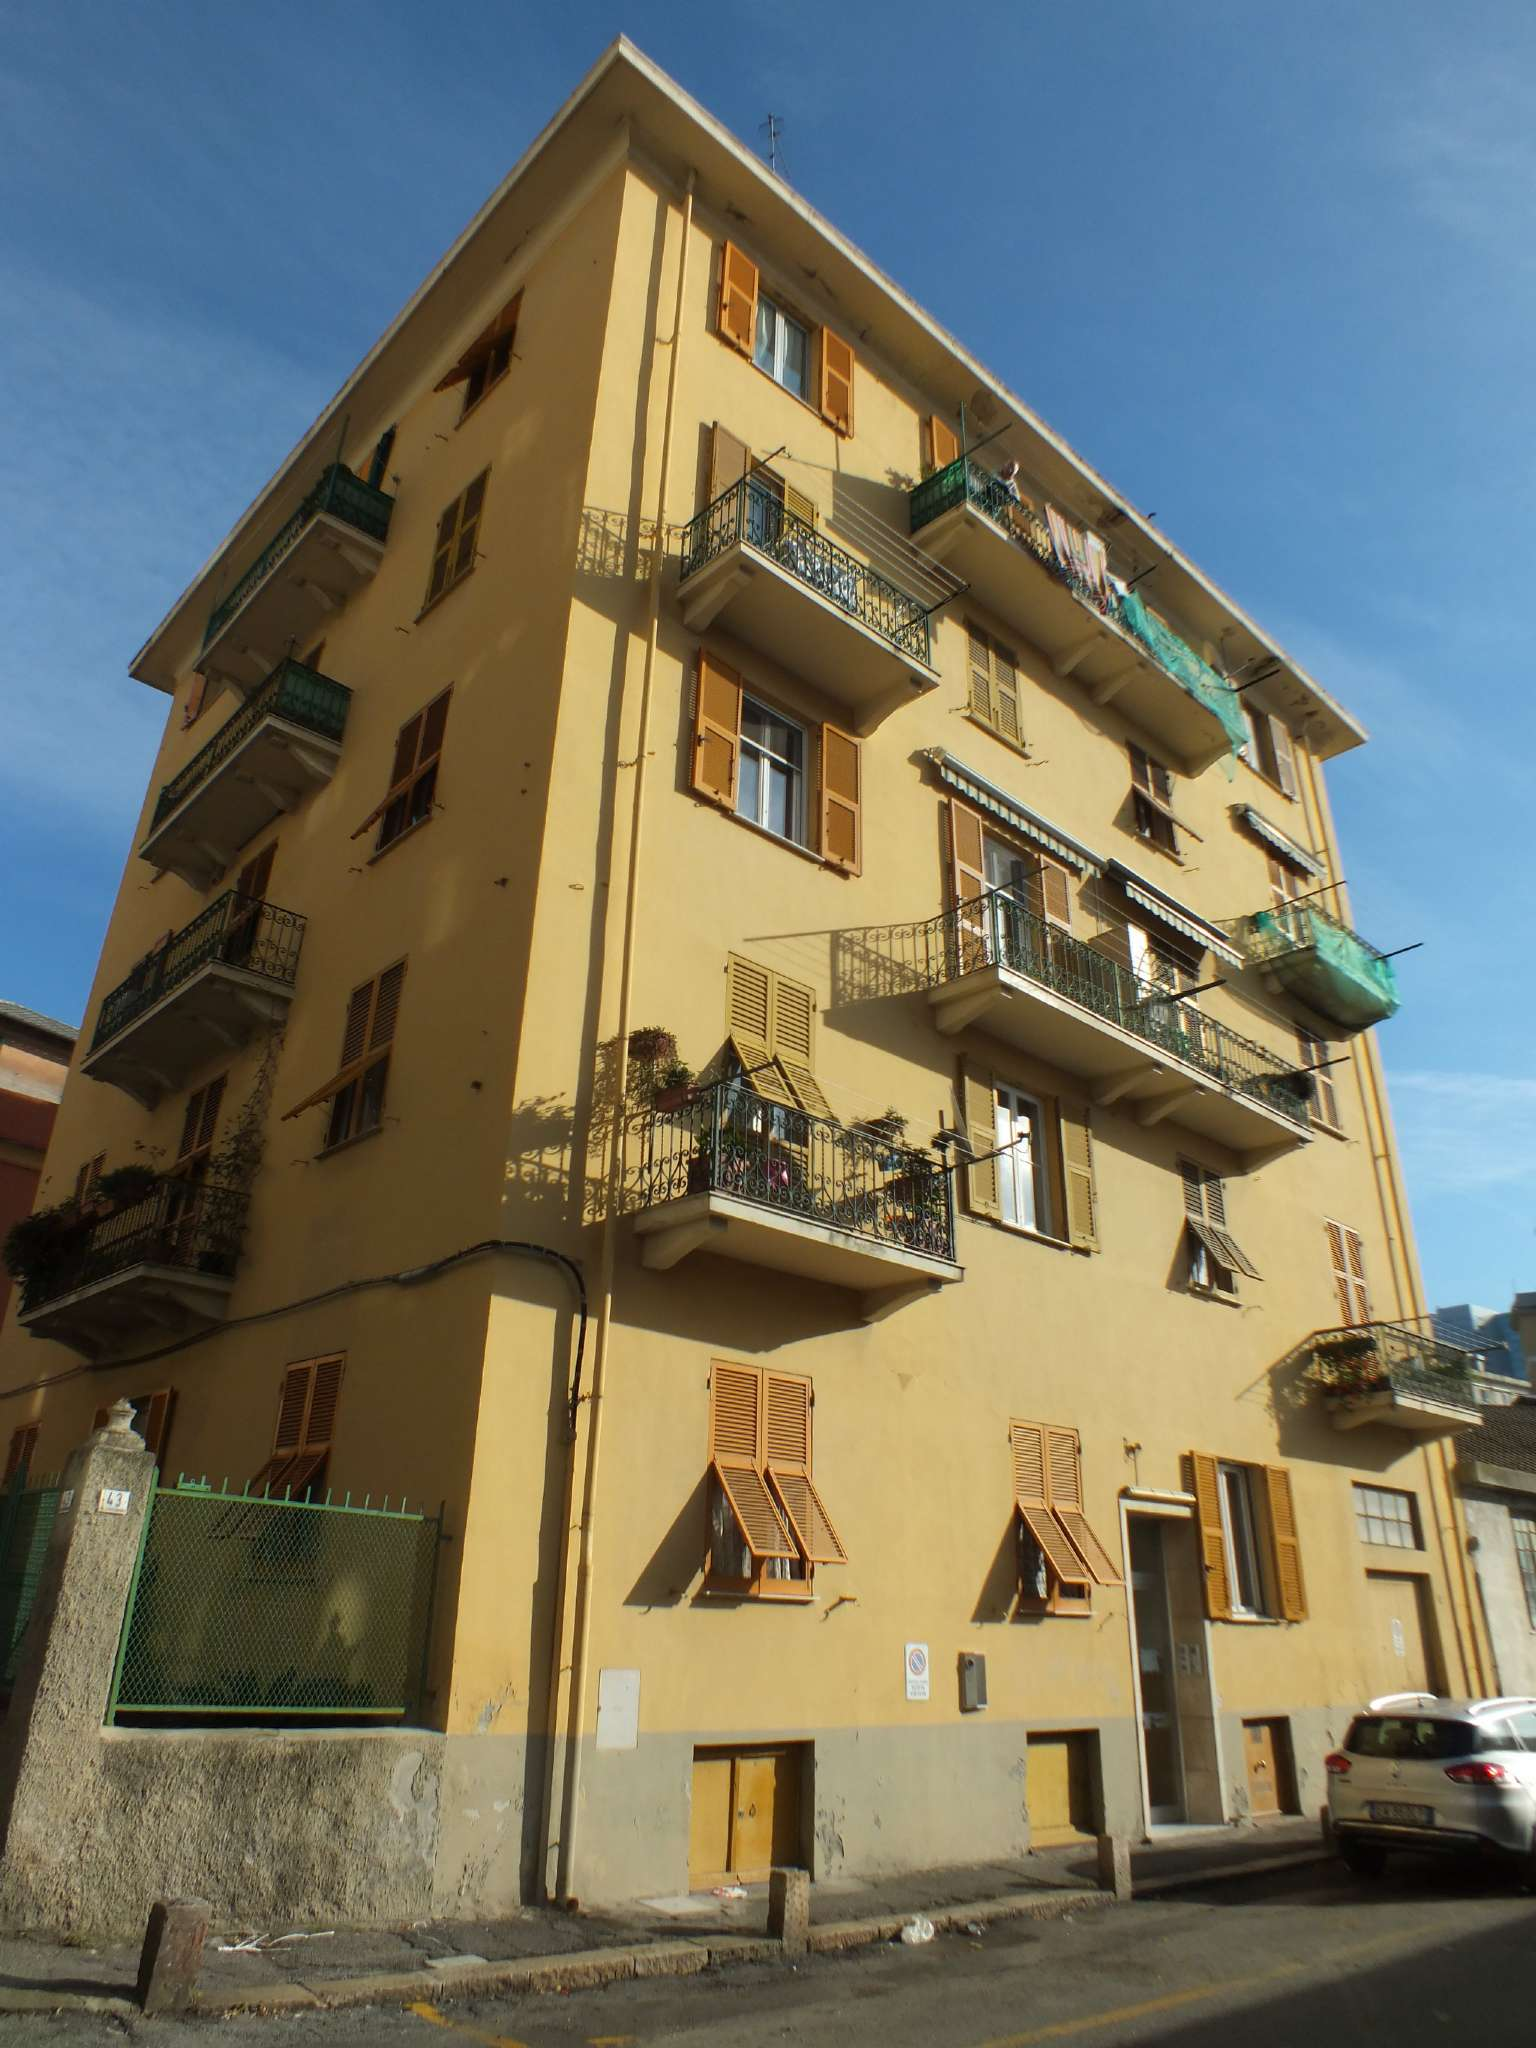 Appartamento in vendita a Genova, 6 locali, zona Zona: 13 . Sestri Ponente, Medio Ponente, prezzo € 100.000 | Cambio Casa.it